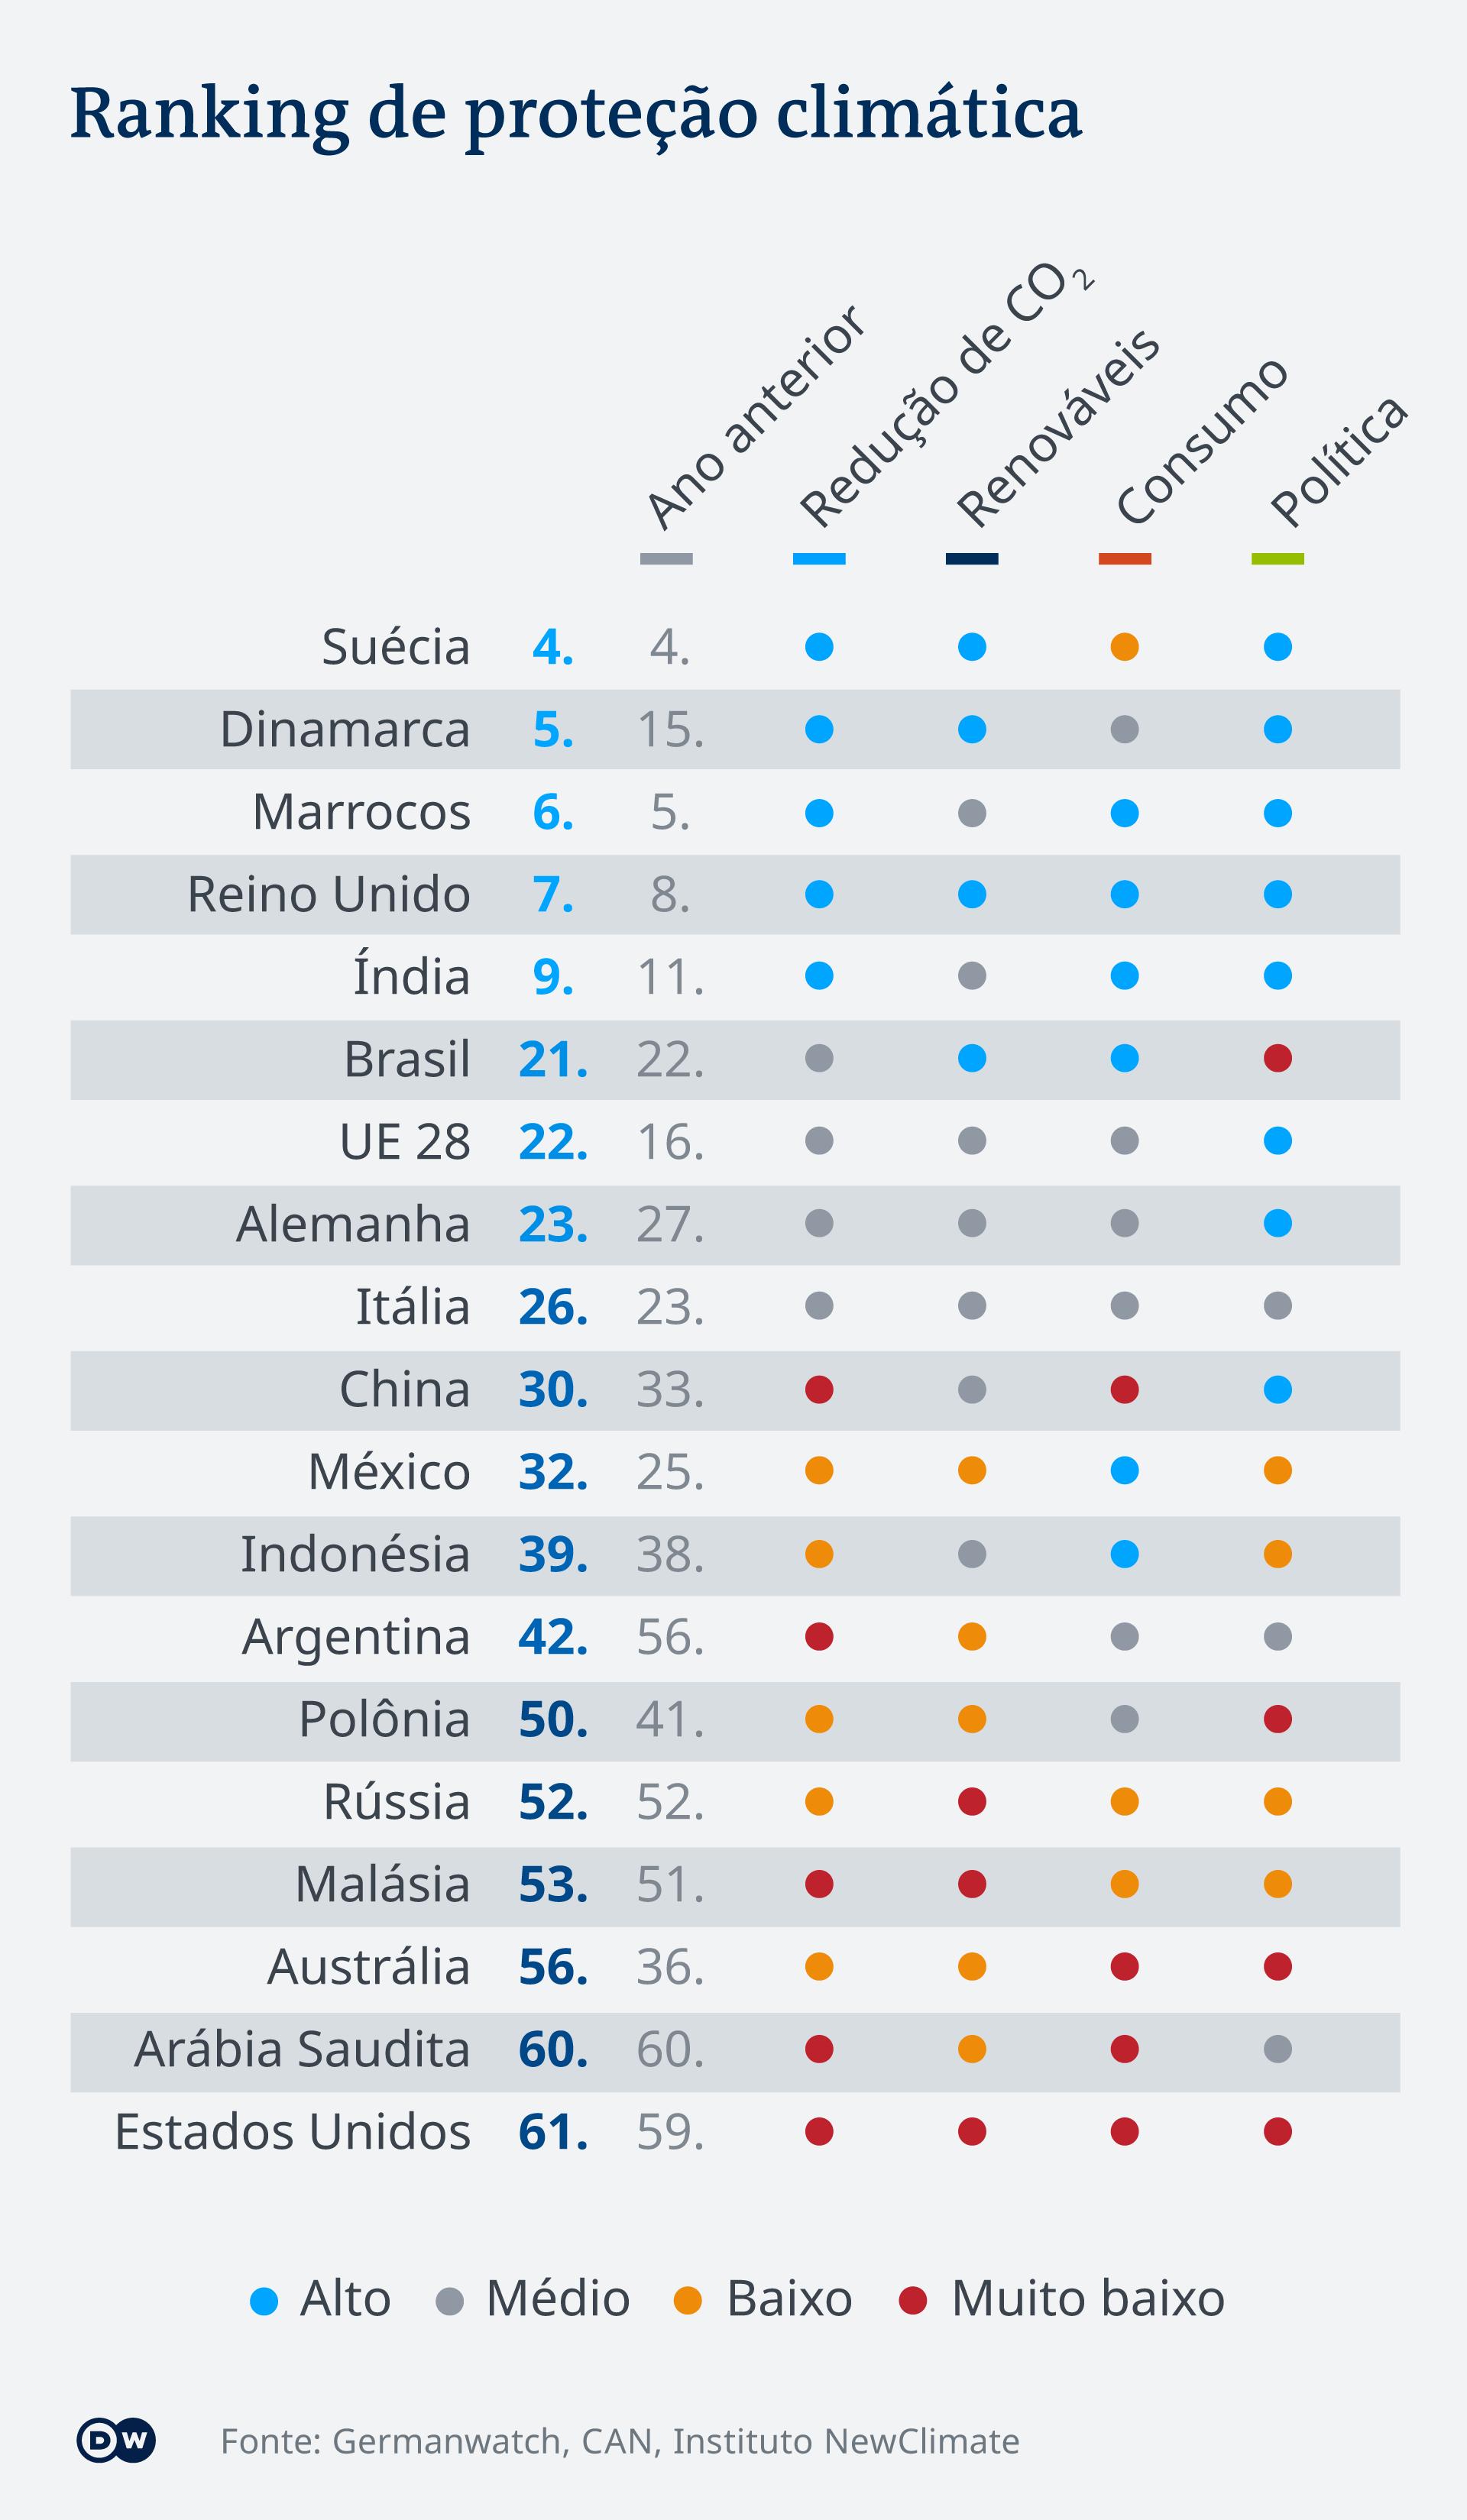 Ranking de proteção climática